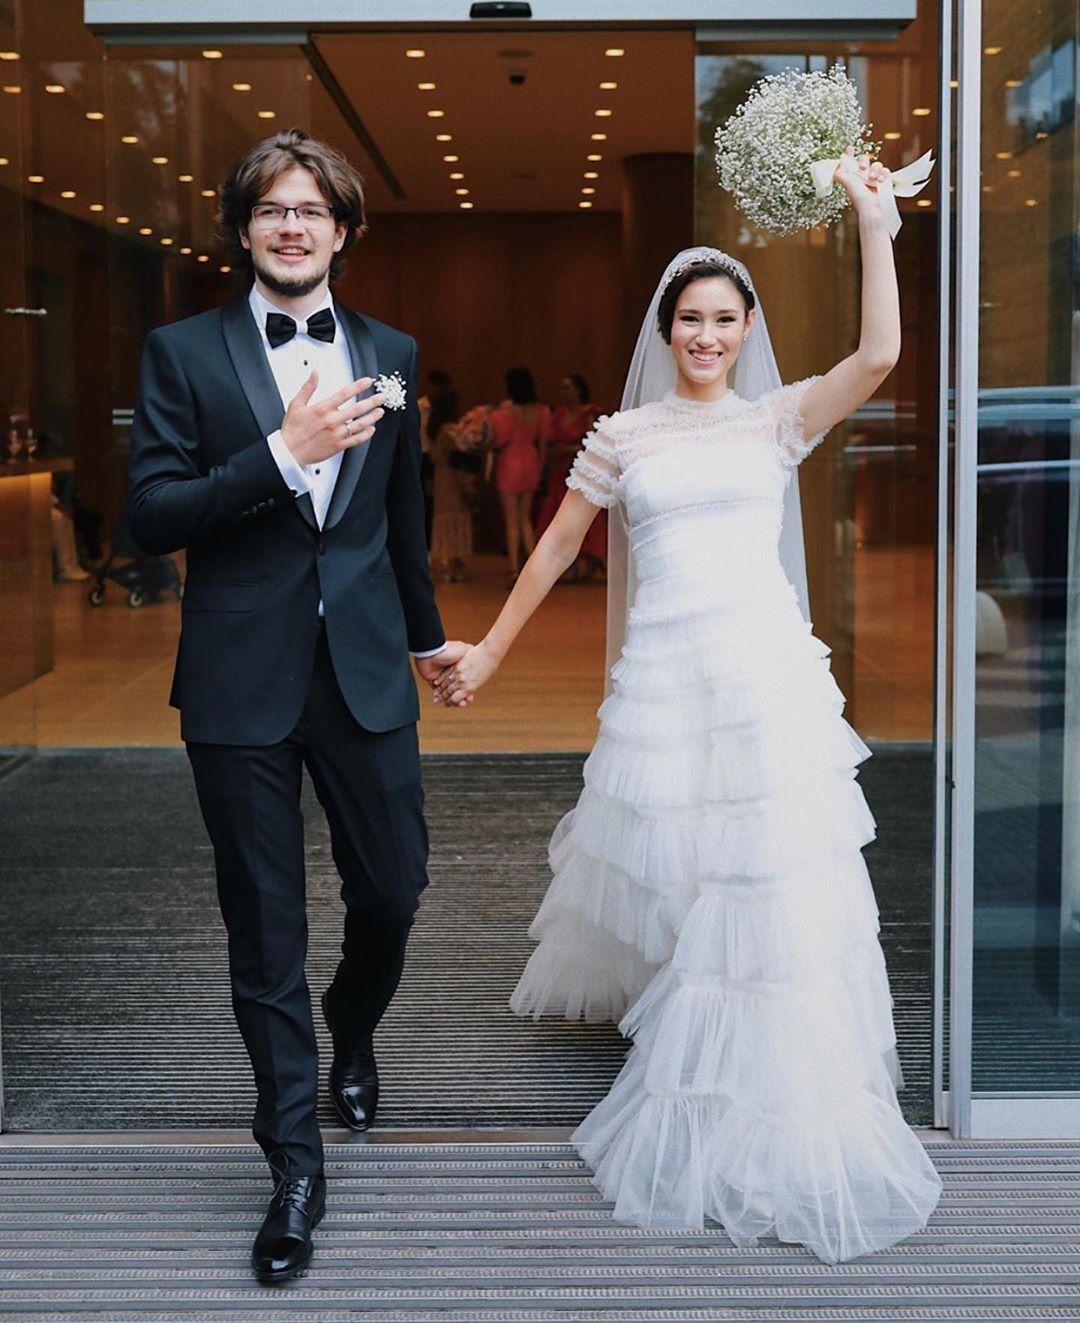 Дина и Димитрии , поздравляю с законным браком Совет да любовь! Будьте счастливы, дети мои Подробности на @tatler_russia